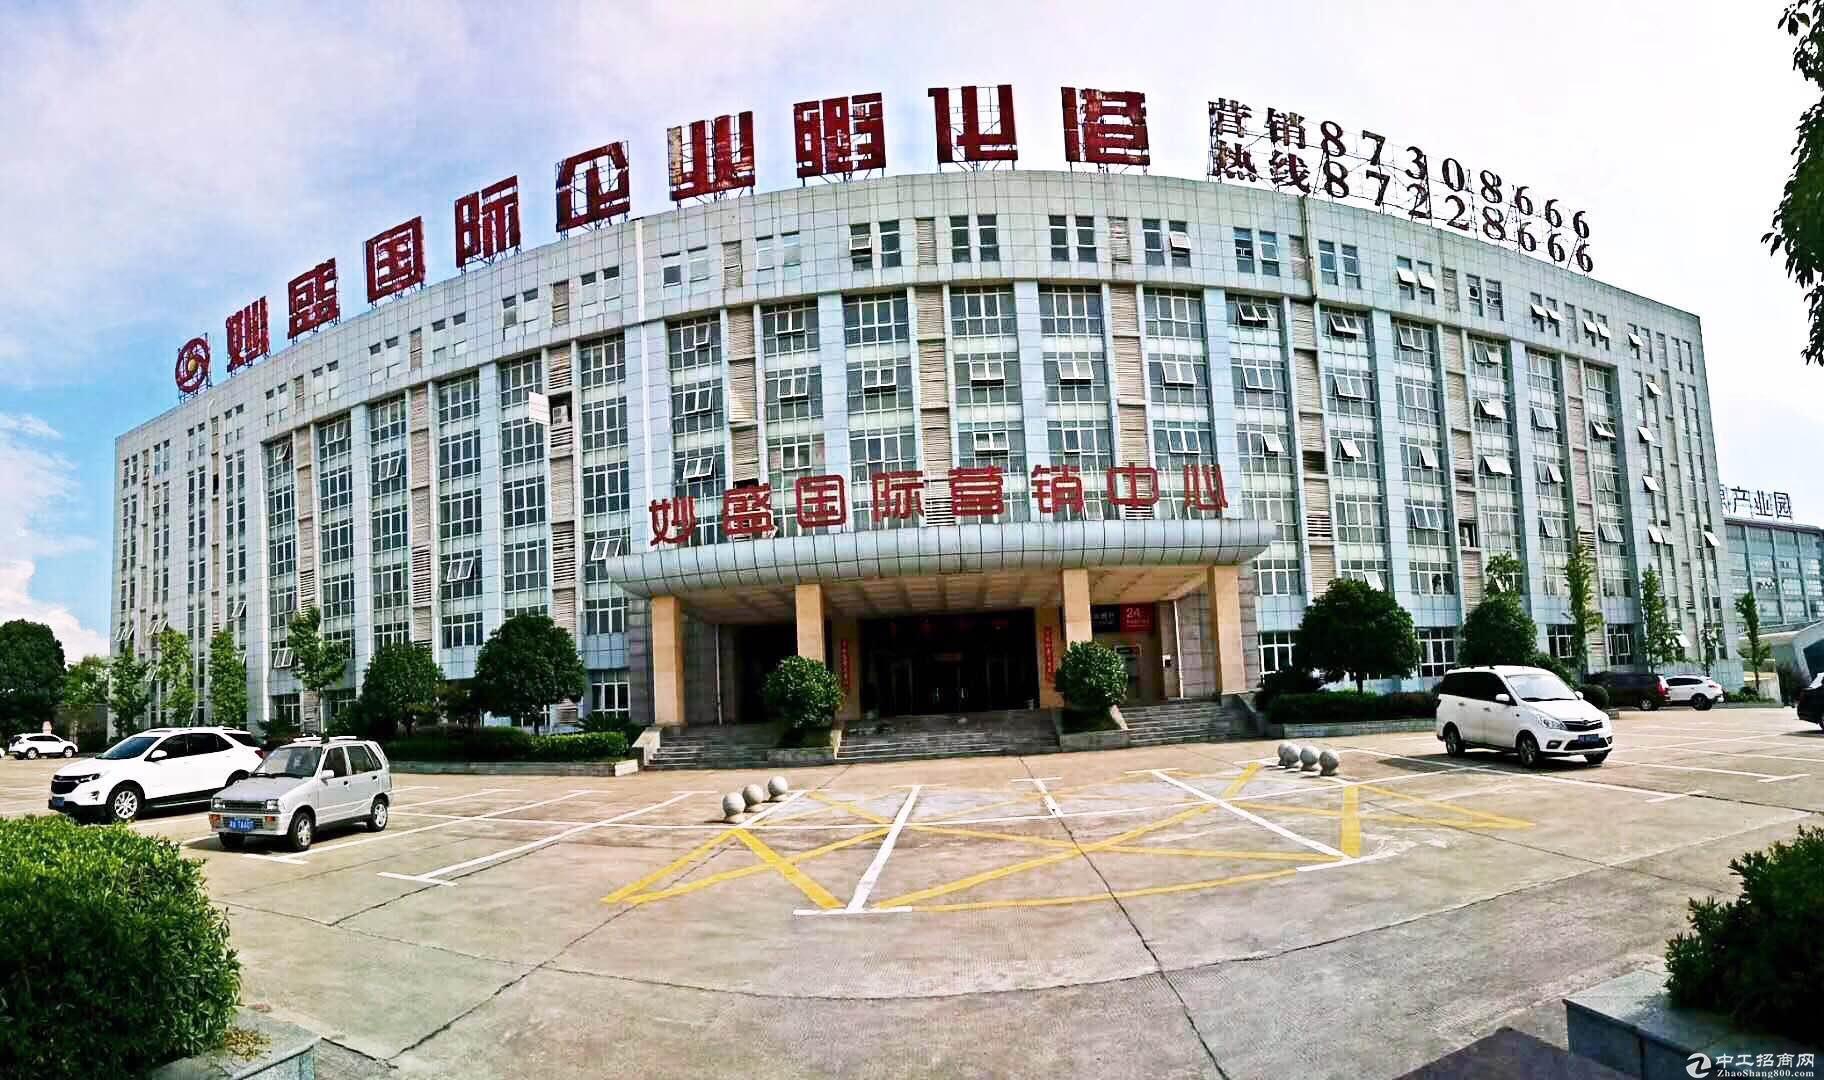 妙盛国际企业孵化港厂房办公楼出租出售